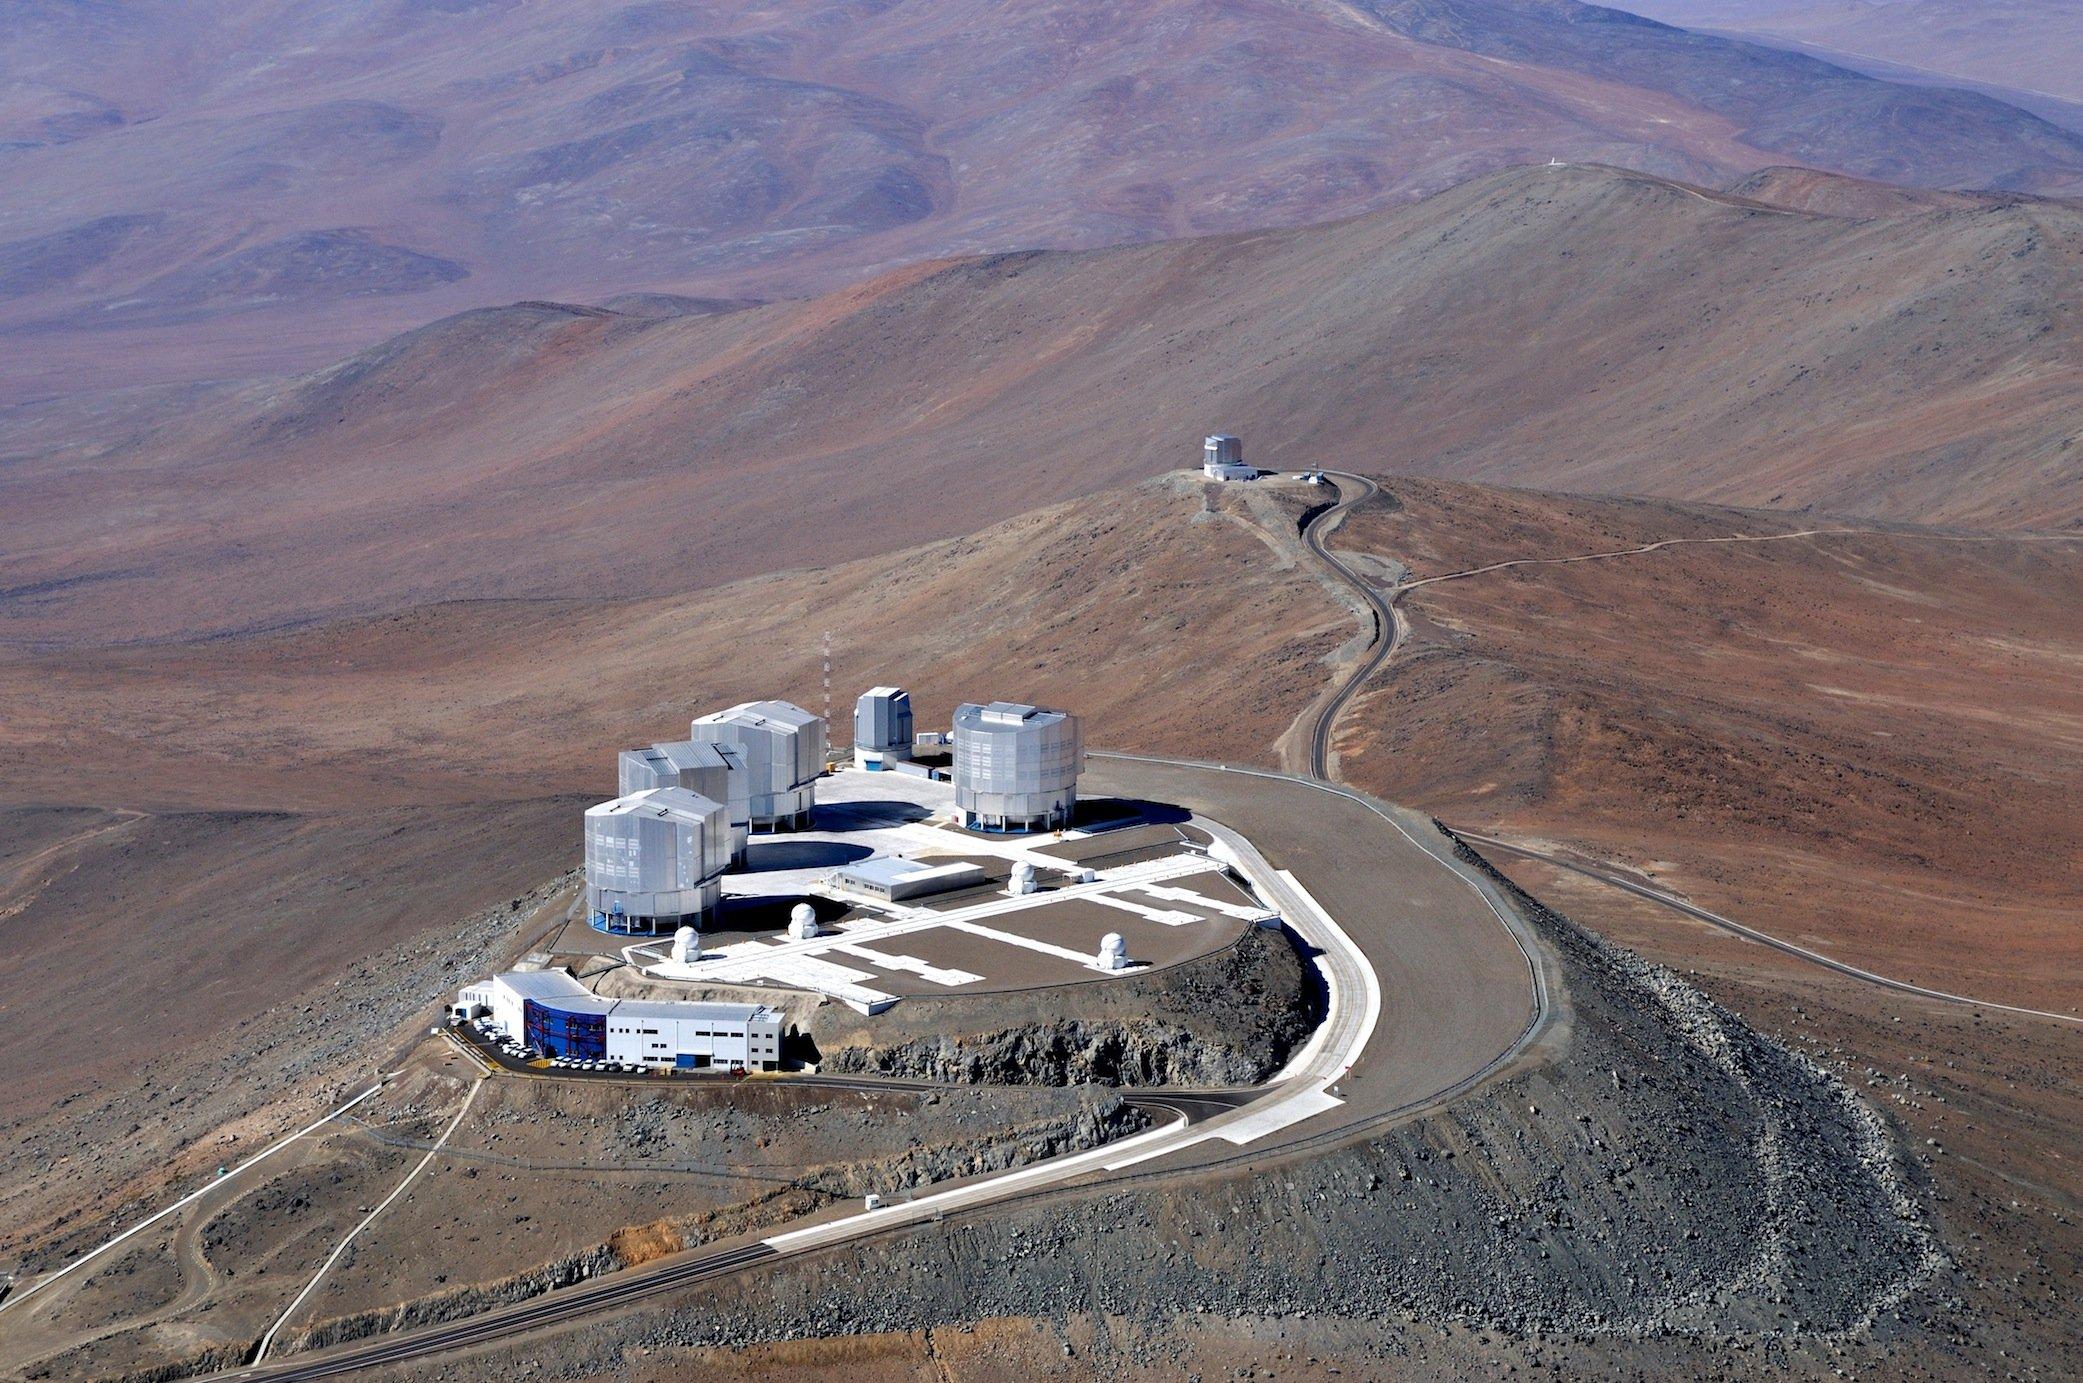 Das Very Large Telescope (VLT) der ESO auf dem Paranal liegt in derdünn besiedelten Atacamawüste im Norden Chiles. Sie gilt als trockenste Wüste der Erde. Links neben dem Teleskop sind auch weitereGebäude wie das Kontrollzentrum am vorderen Rand der Plattform zu erkennen.